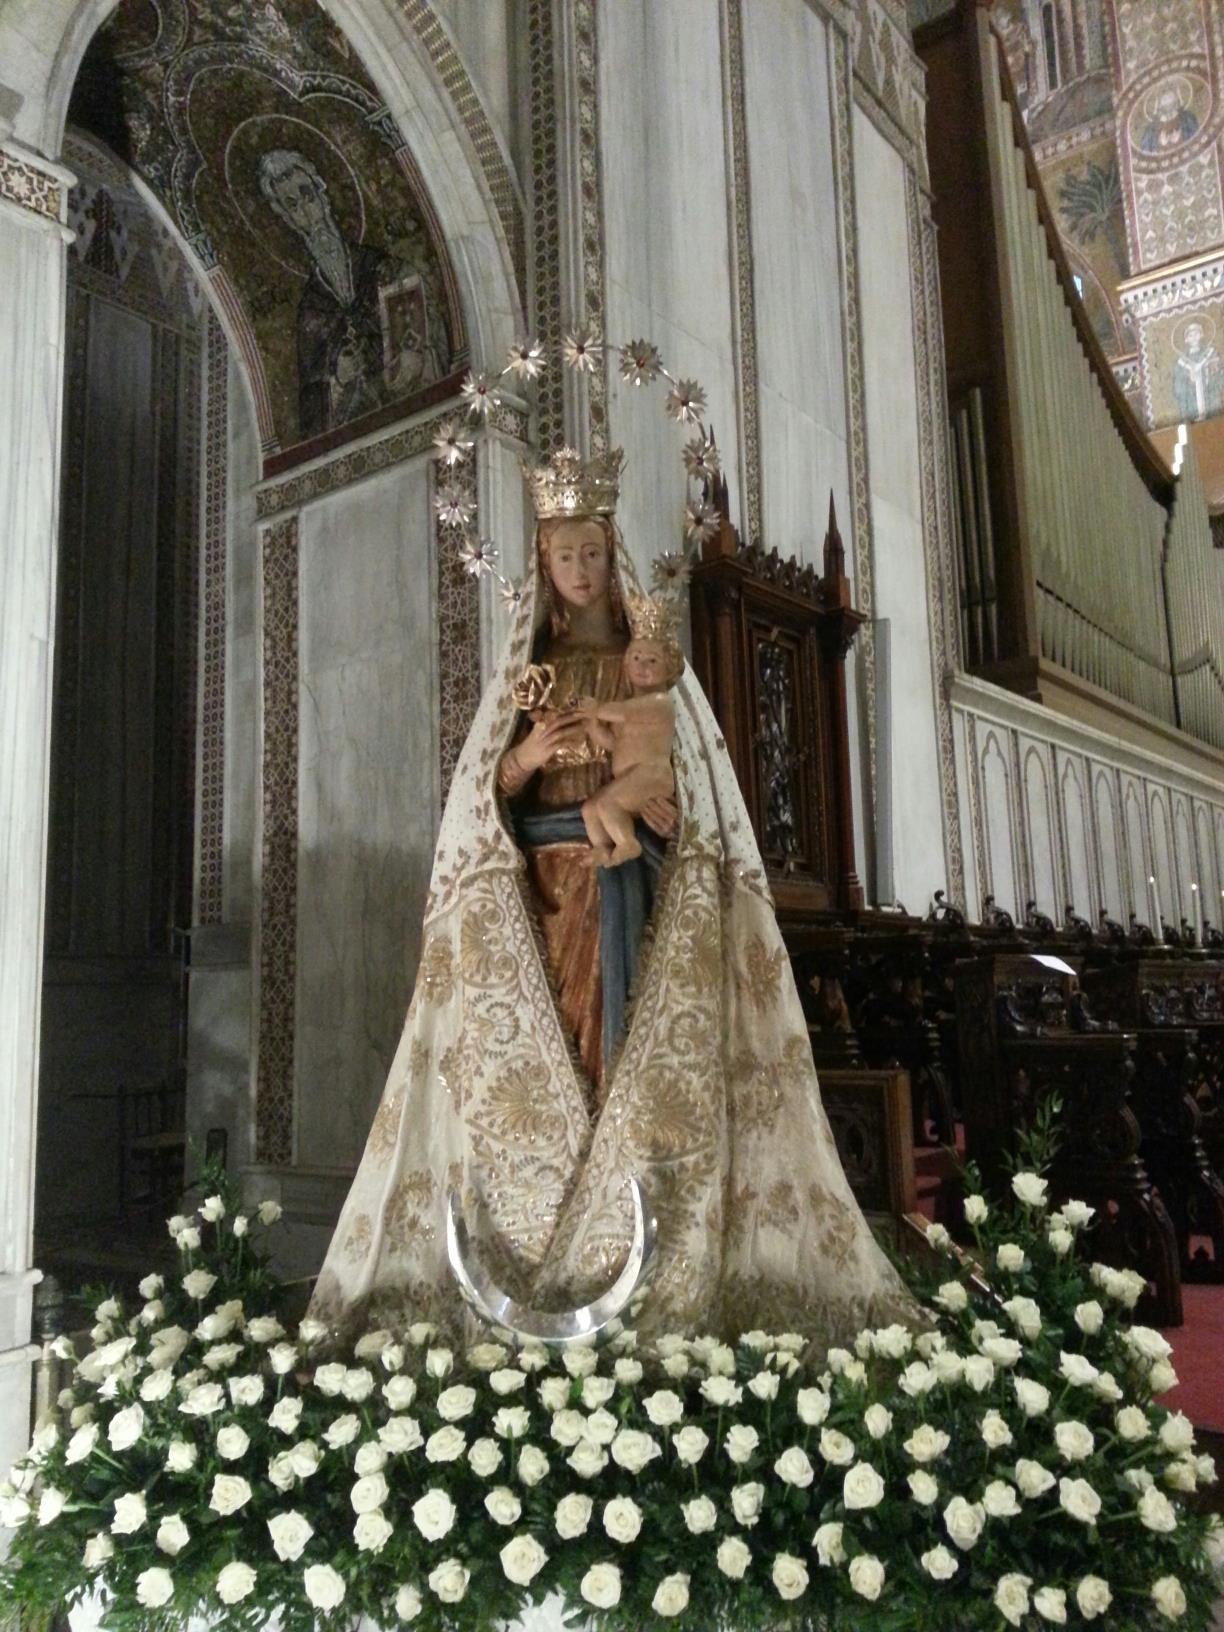 simulacro della Madonna del Popolo nel giorno della festa